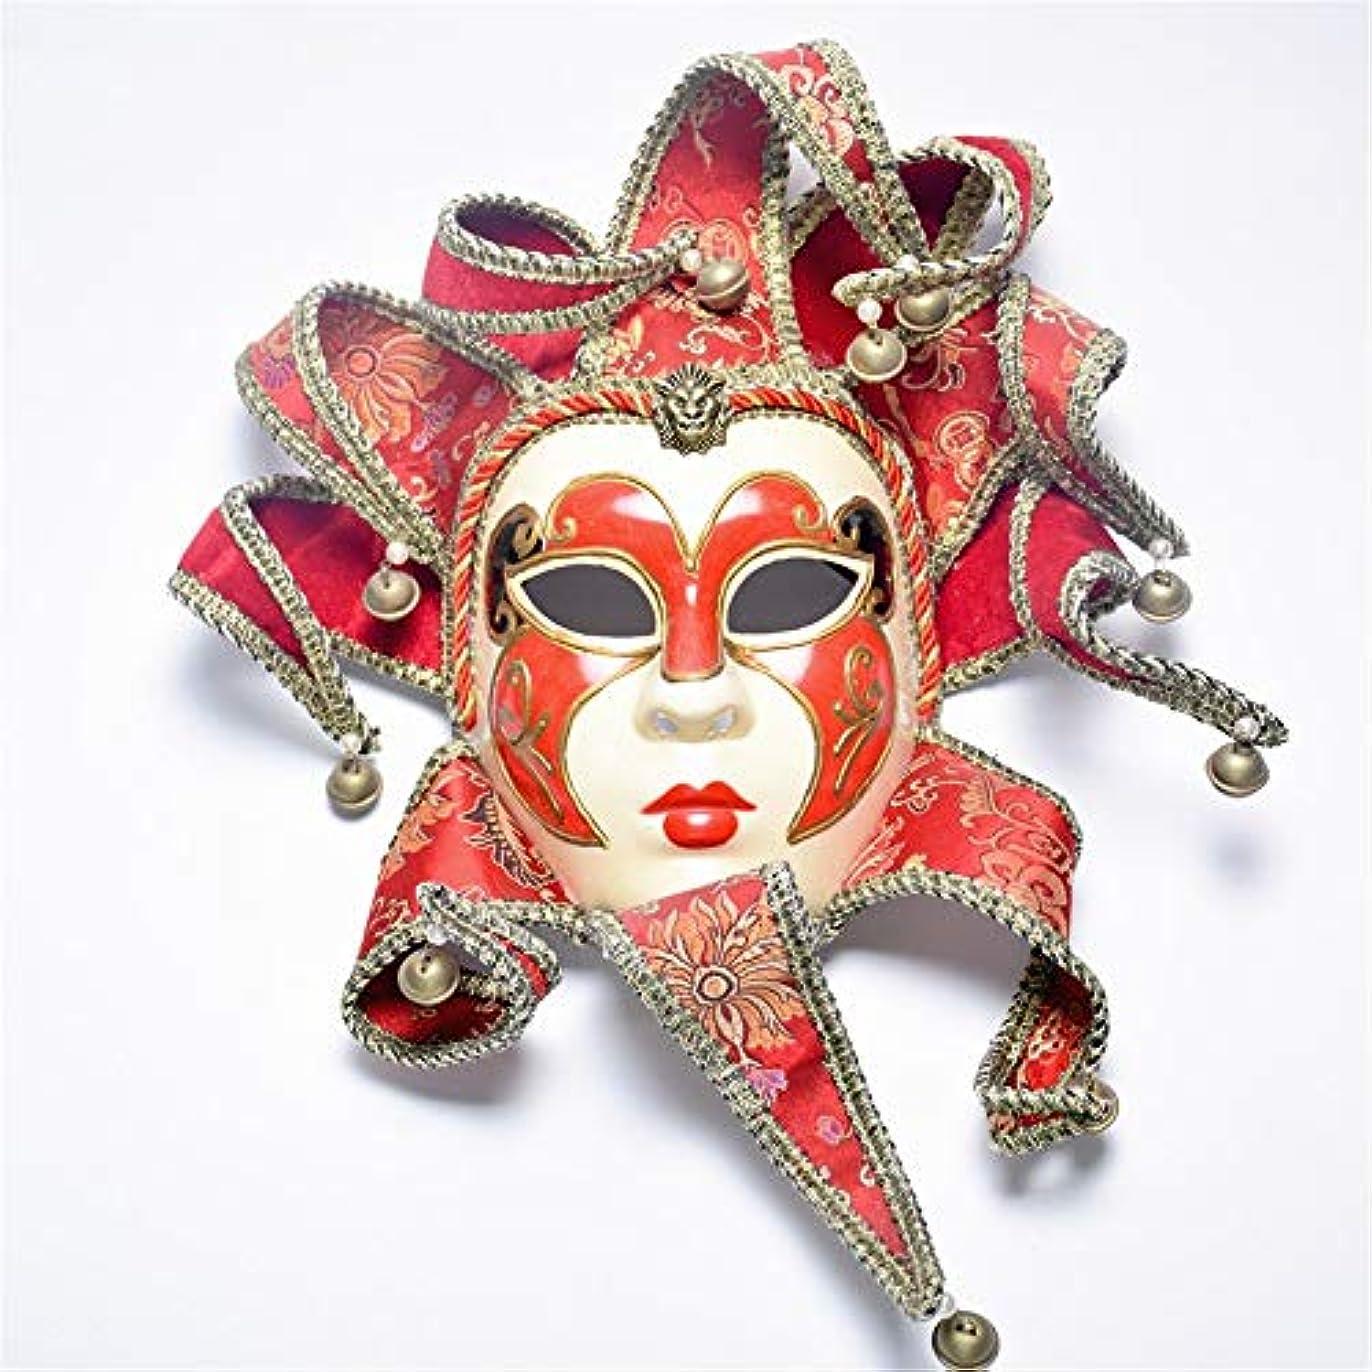 薬剤師なんとなくラフレシアアルノルディダンスマスク フルフェイスマスク高級パーティーベルマスク女性マスククリスマスフェスティバルロールプレイングプラスチックマスク ホリデーパーティー用品 (色 : 赤, サイズ : 49x29cm)